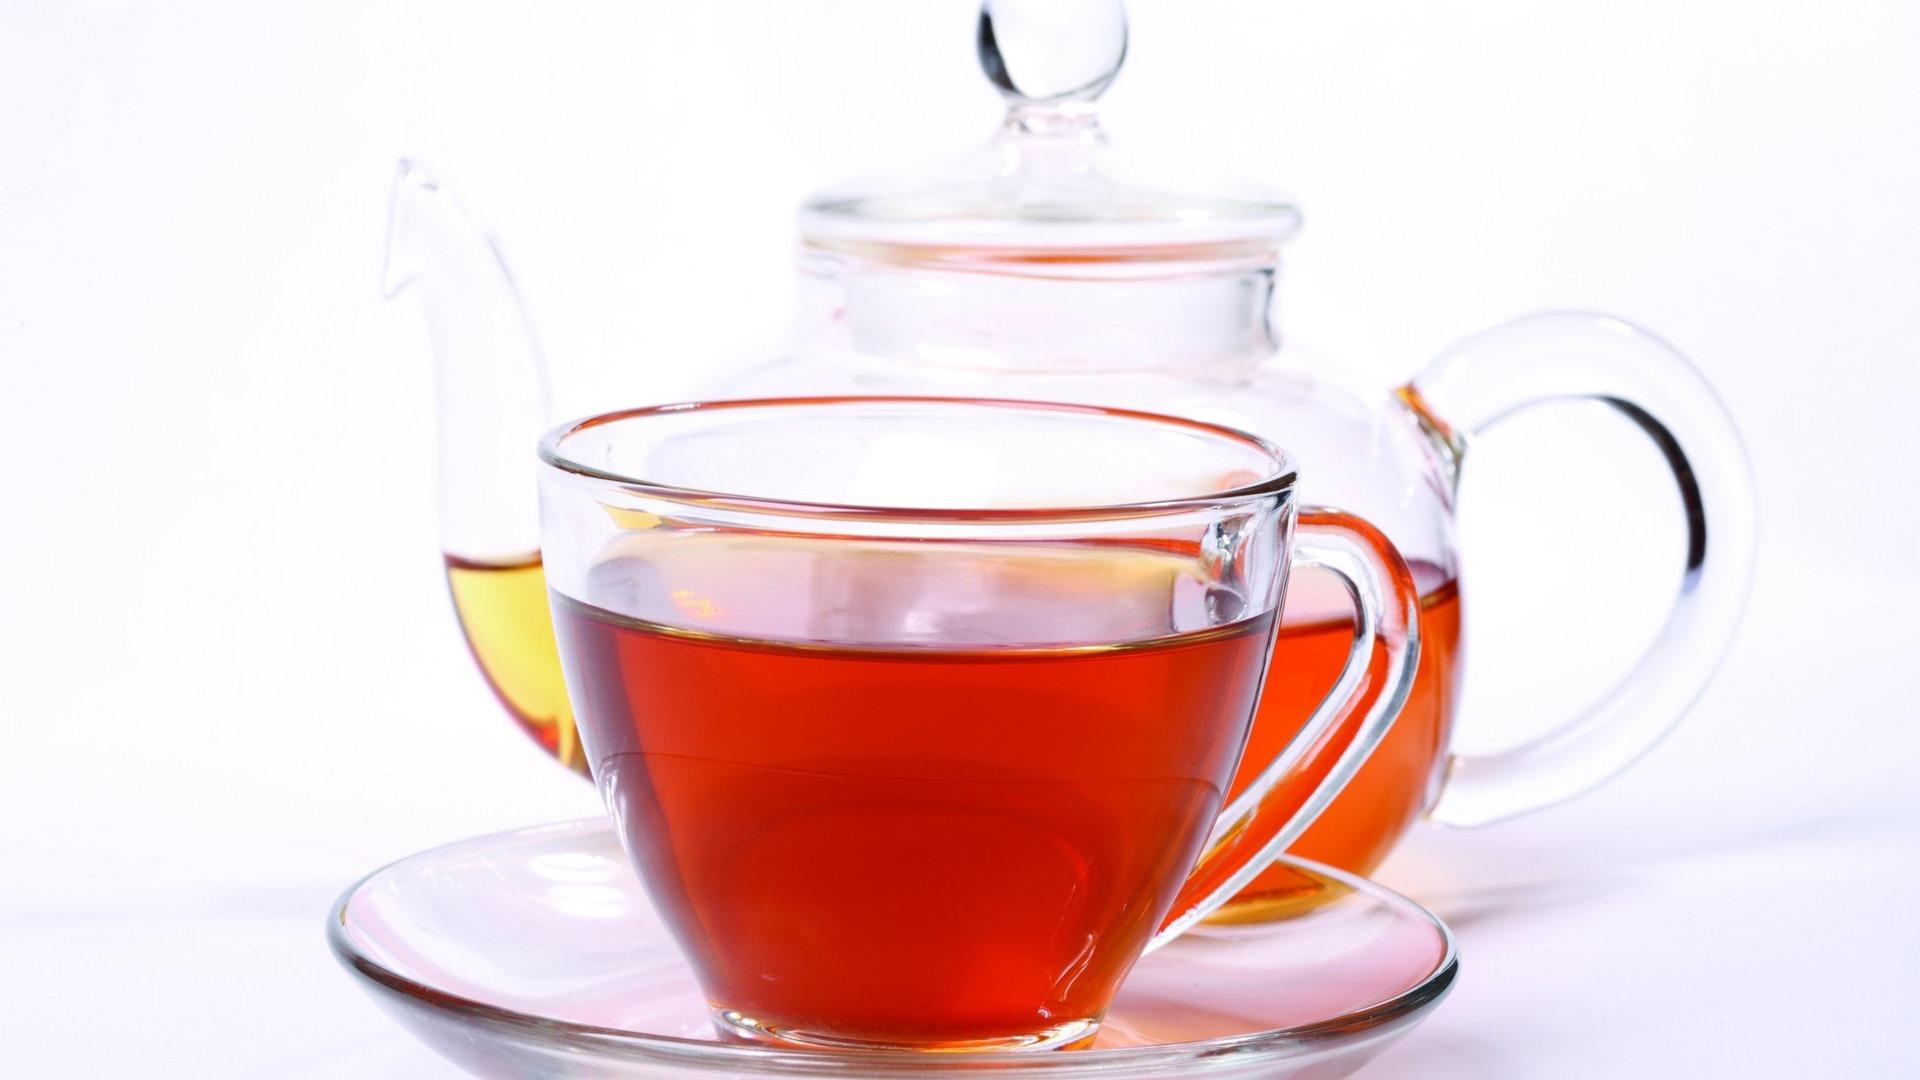 هل شرب الشاي بعد الوجبة يقلل امتصاص الحديد من الطعام ؟